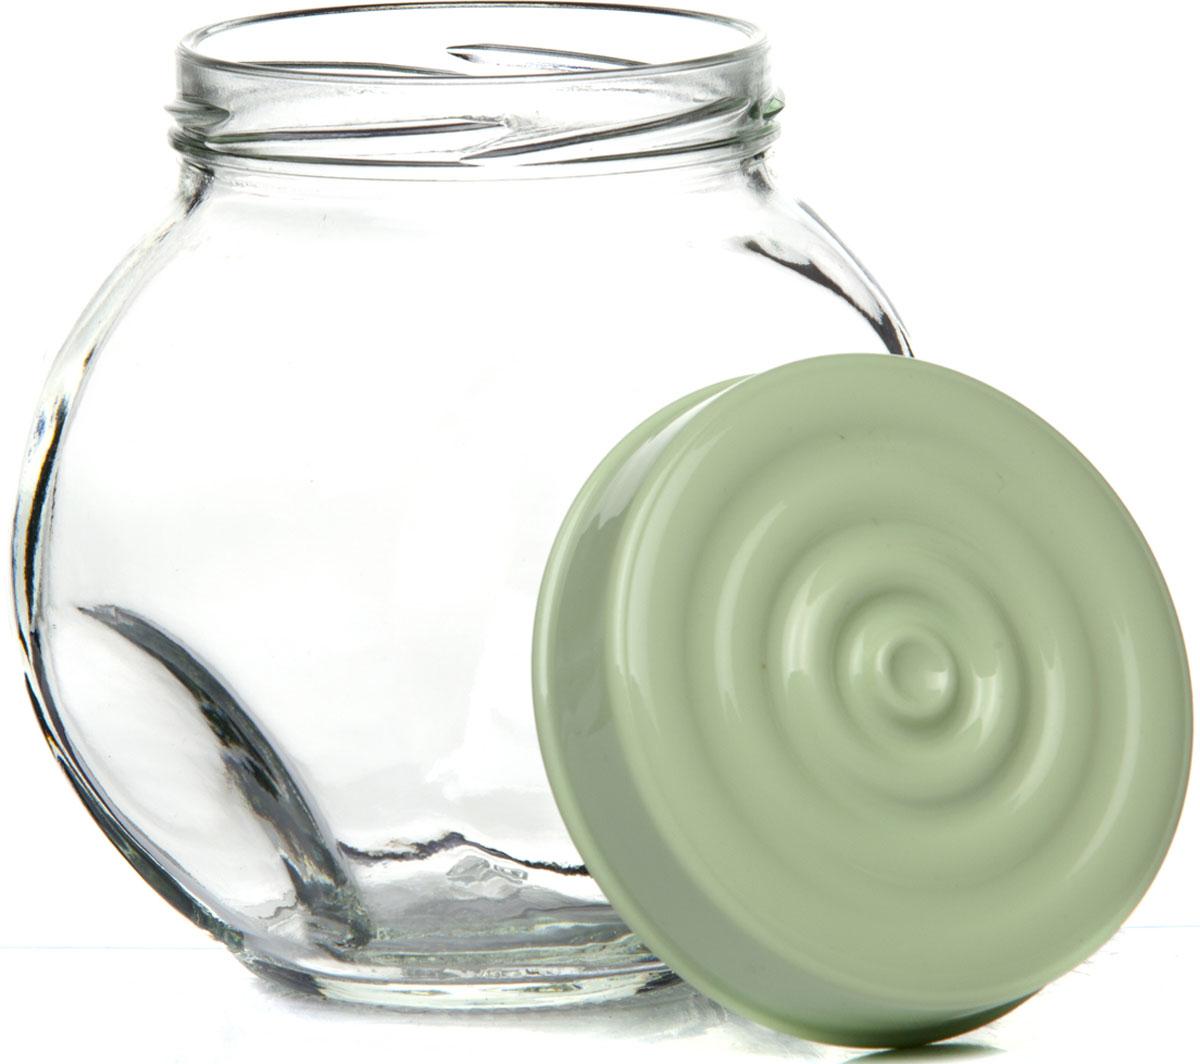 Банка для сыпучих продуктов Herevin, с крышкой, цвет: оливковый, 750 мл. 140308-500 емкость для хранения сыпучих продуктов с крышкой 10x7 5 см berghoff studio 1106373